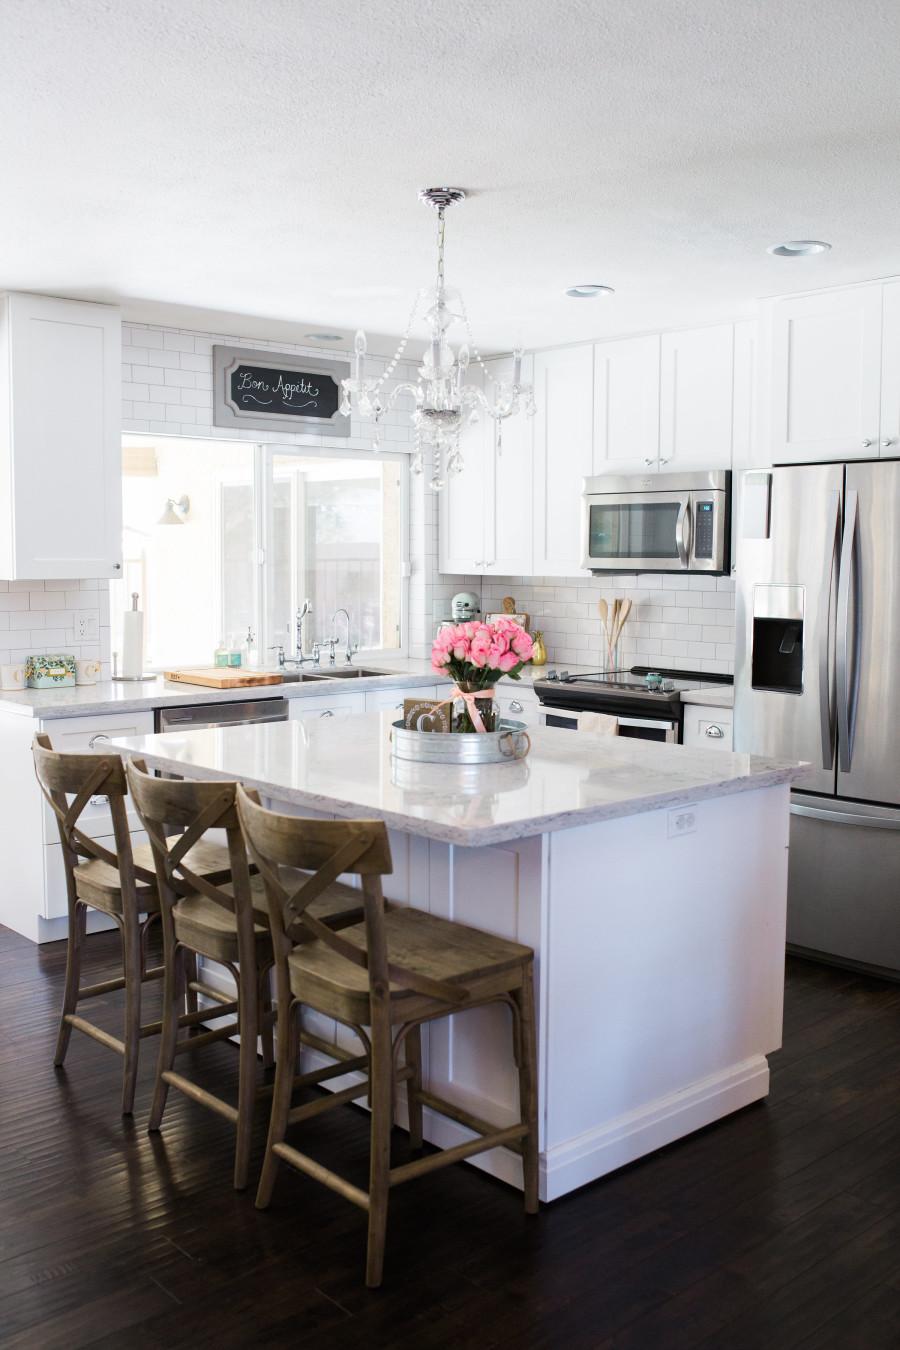 kitchen remodel budget kitchen remodel budget Kitchen after remodel